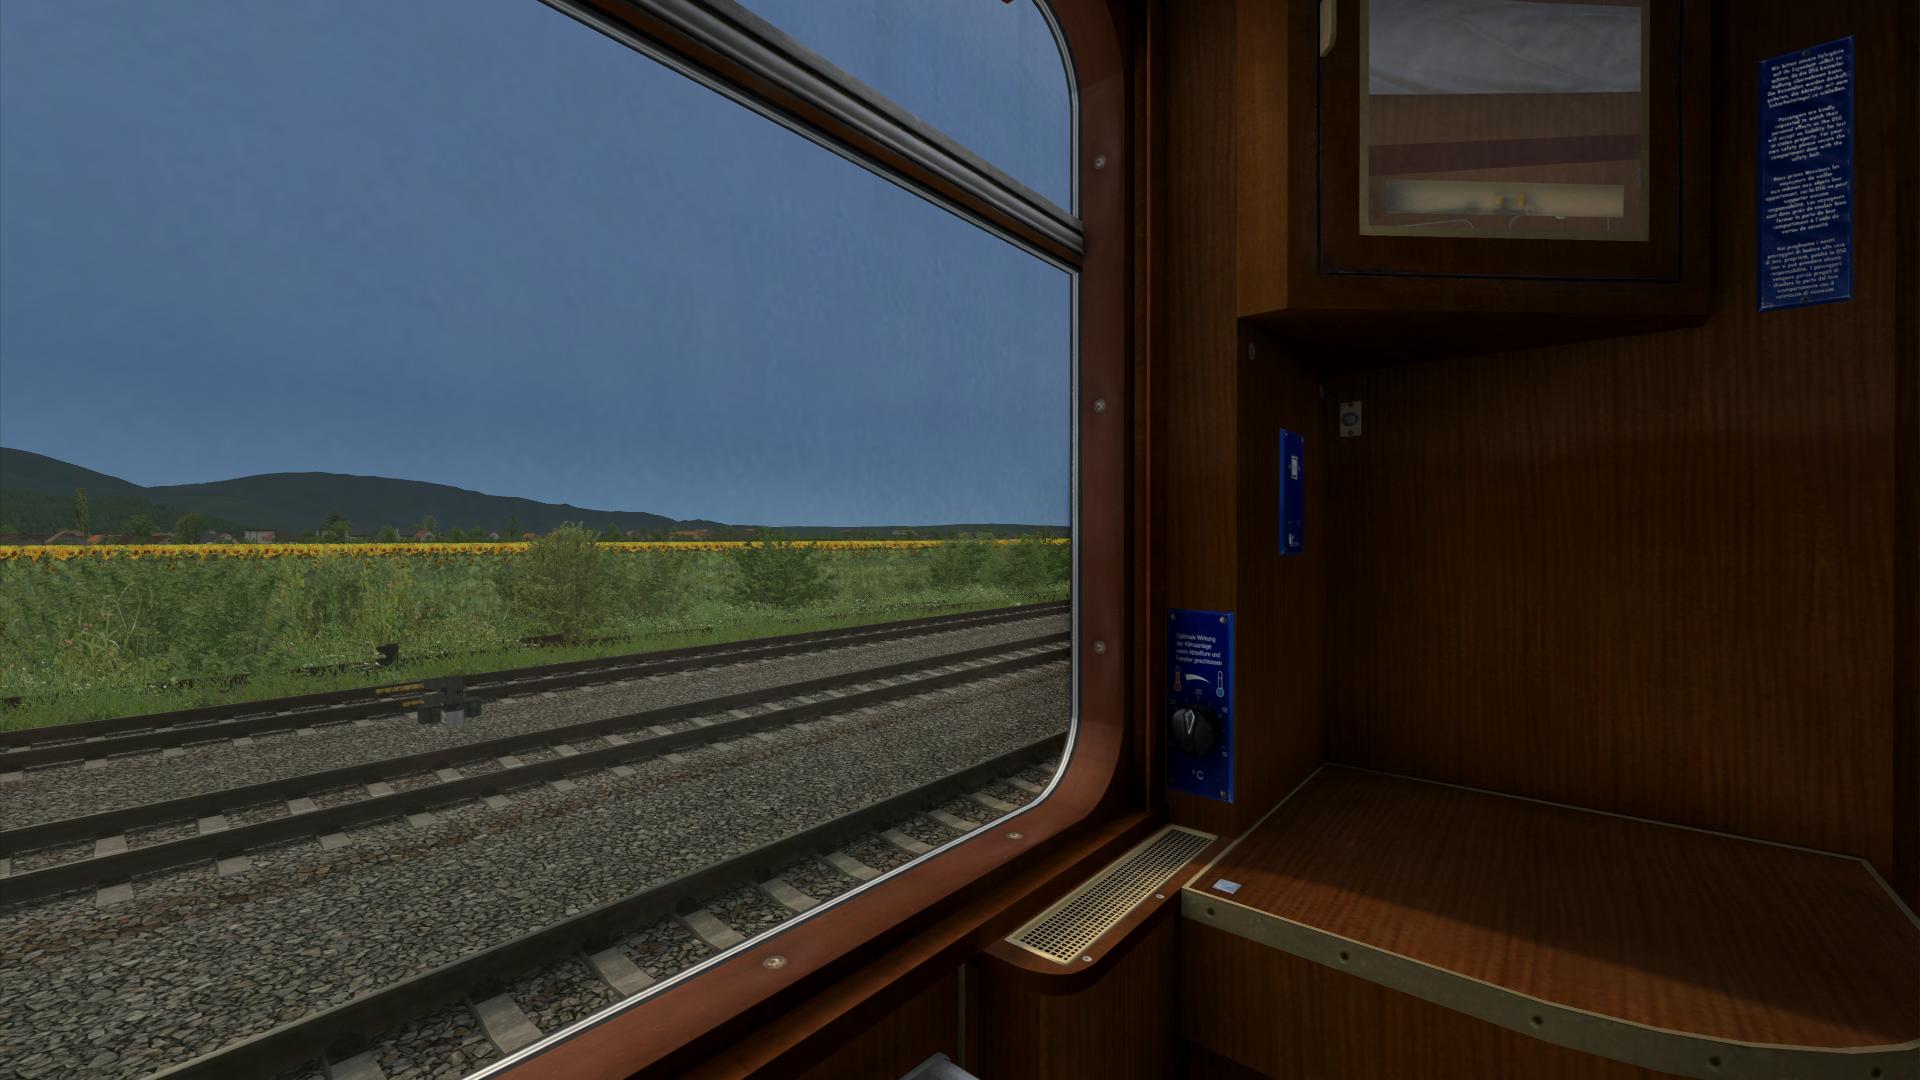 RailWorks64 2021-03-21 15-37-59